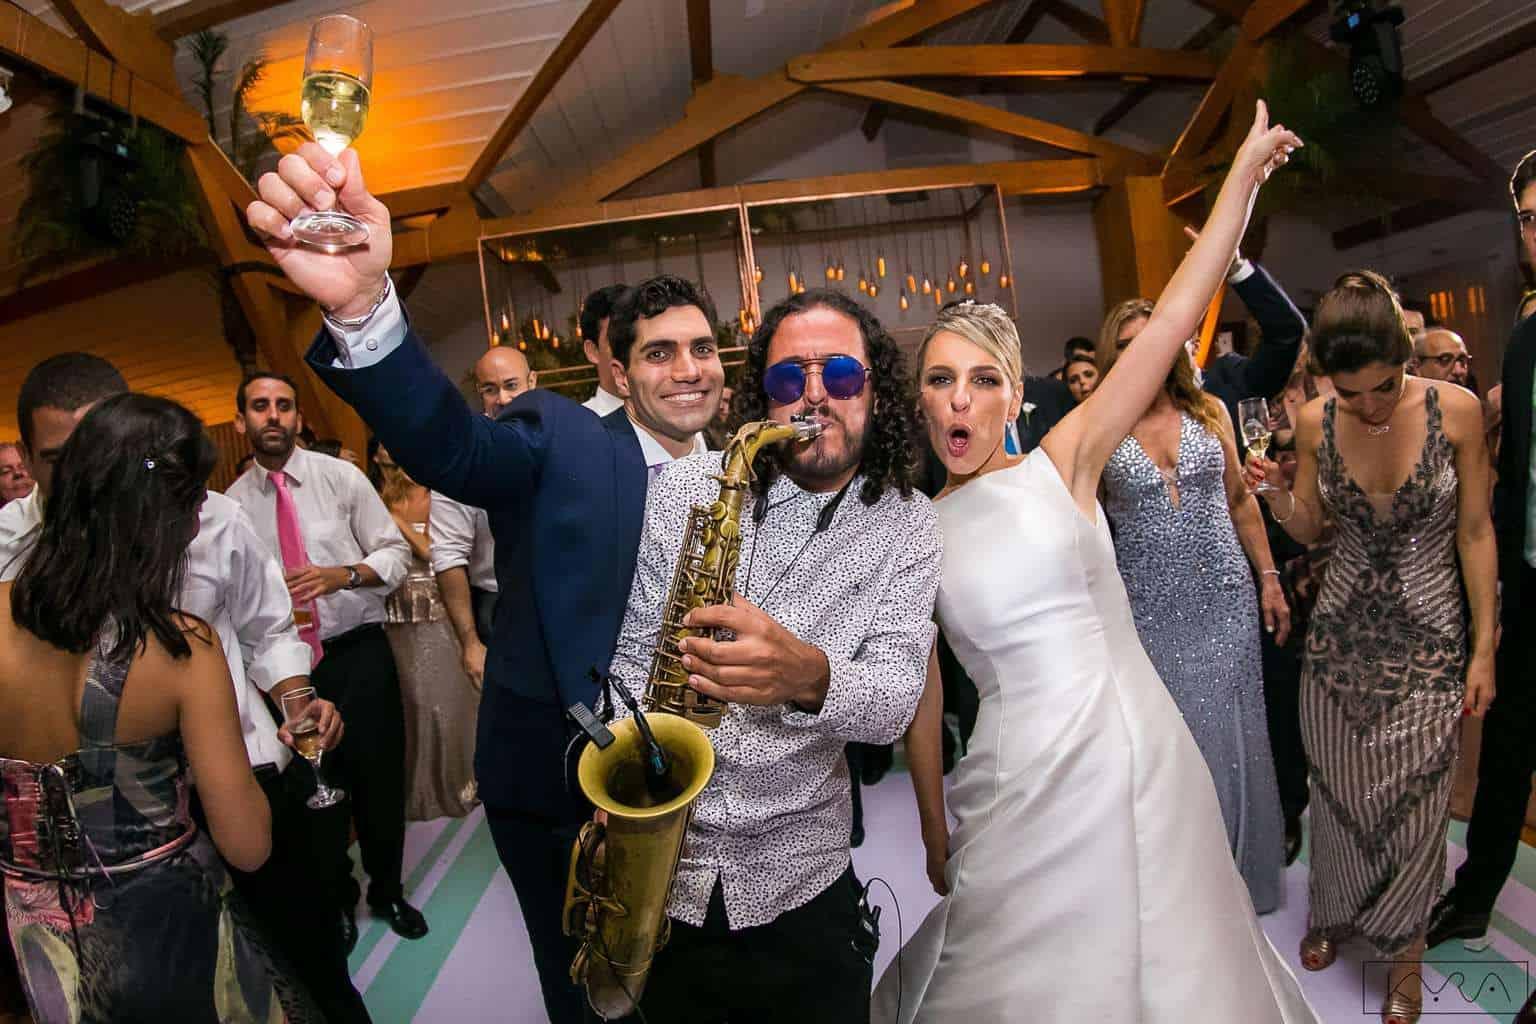 ana-carolina-e-bernardo-Anna-Carolina-Werneck-beleza-da-noiva-casamento-tradicional-festa-Gavea-Golf-Club-Kyra-Mirsky-making-of-mini-wedding-noiva-verde-e-rosa-casamento-29